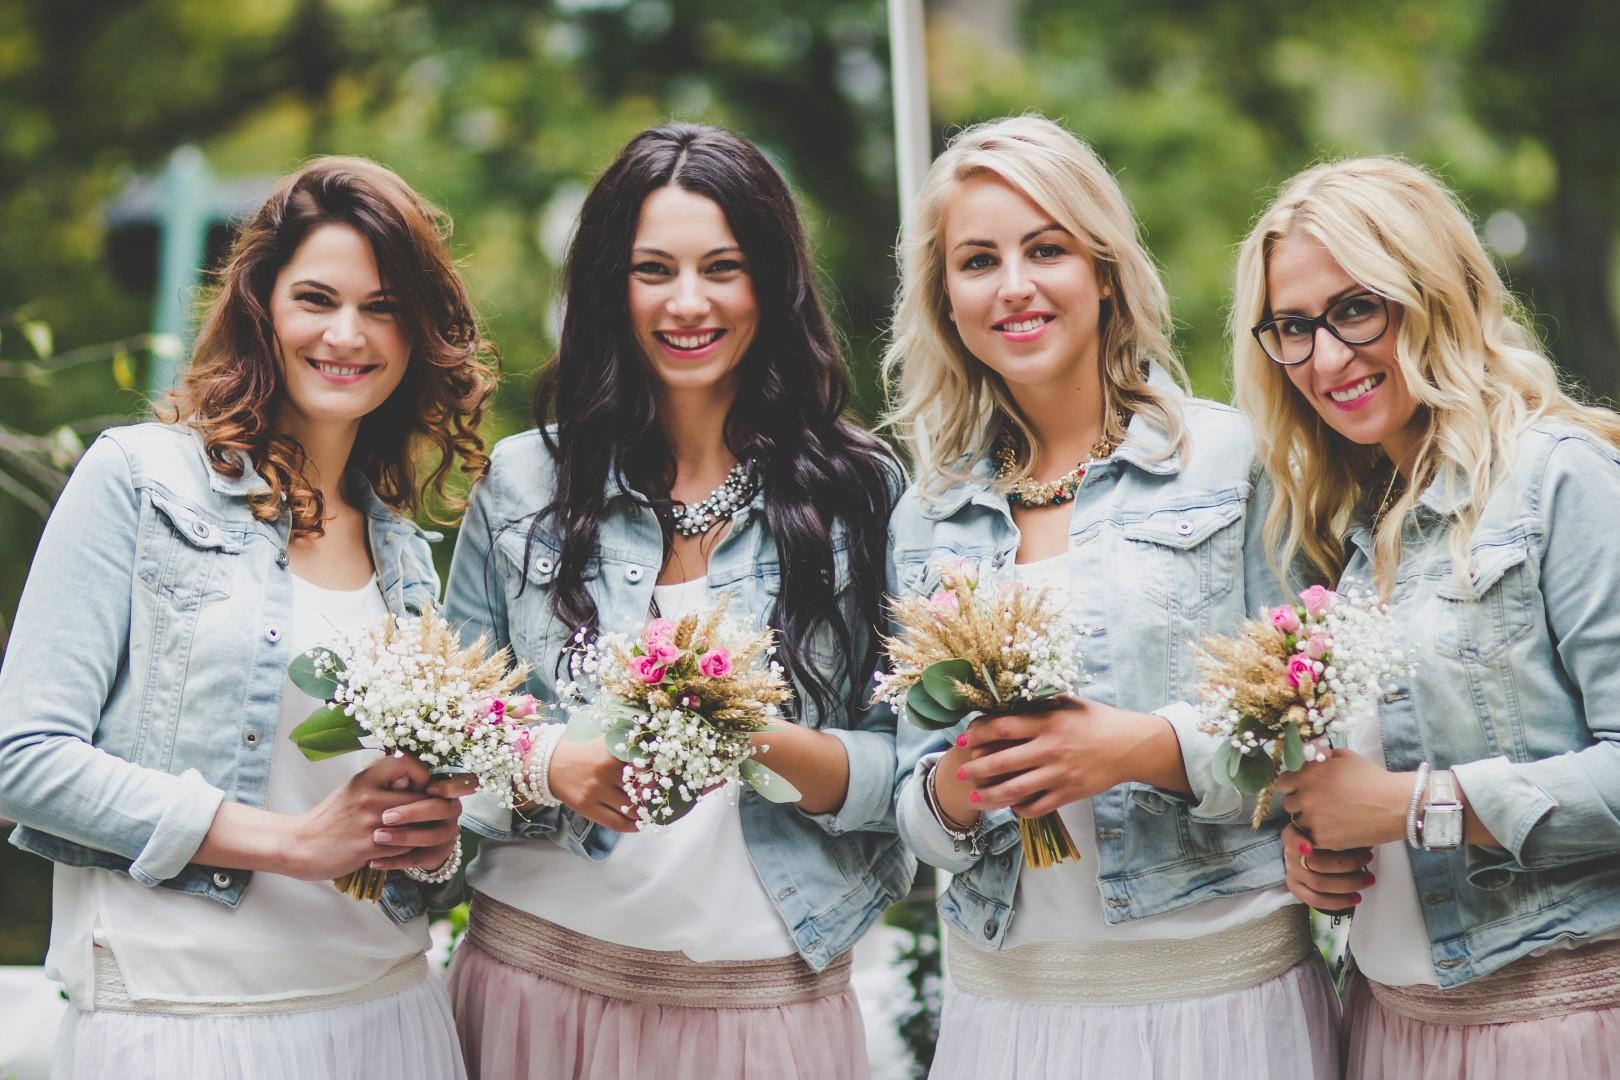 843049447c9c Ať už se nevěsta rozhodne obléci družičky do stylových modelů nebo  kamarádky překvapí nevěstu doprovodem ve stejných šatech